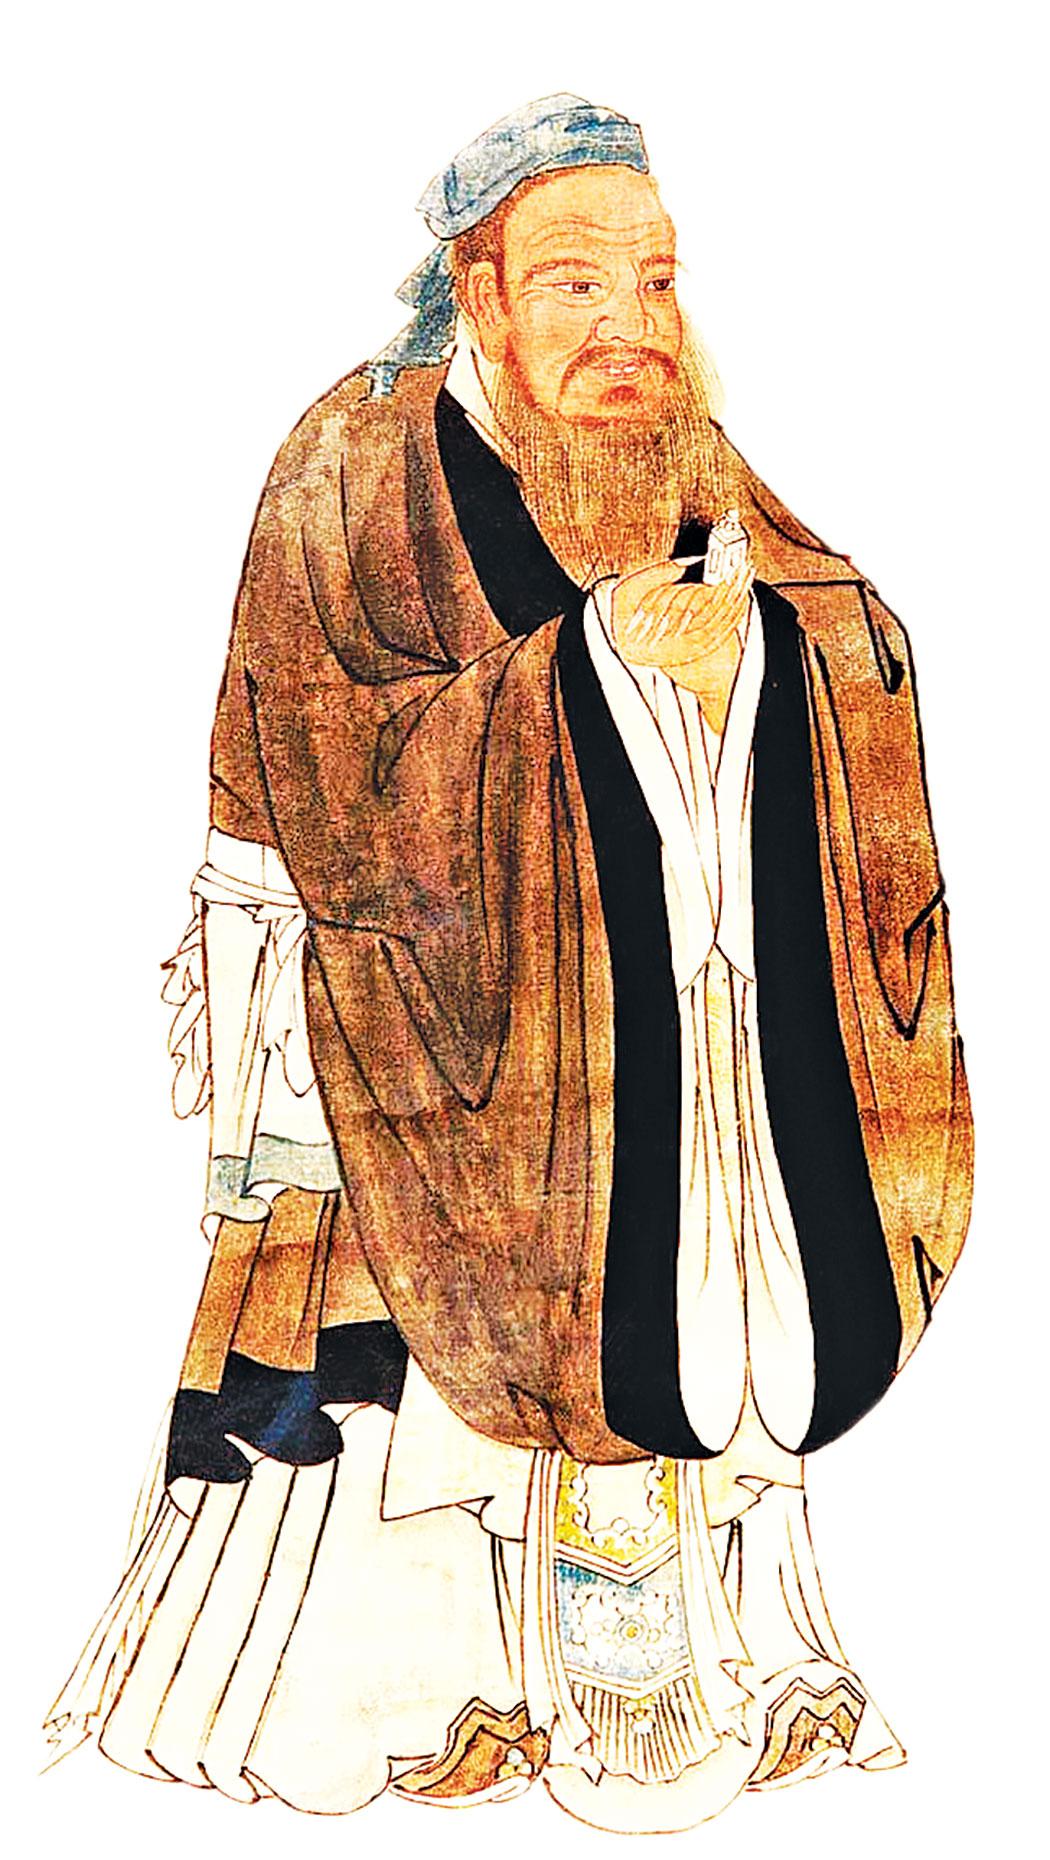 儒生在秦國擁有很高的地位,他們掌典籍、制禮樂、備諮詢。圖為儒家創始人孔子畫像。(公有領域)